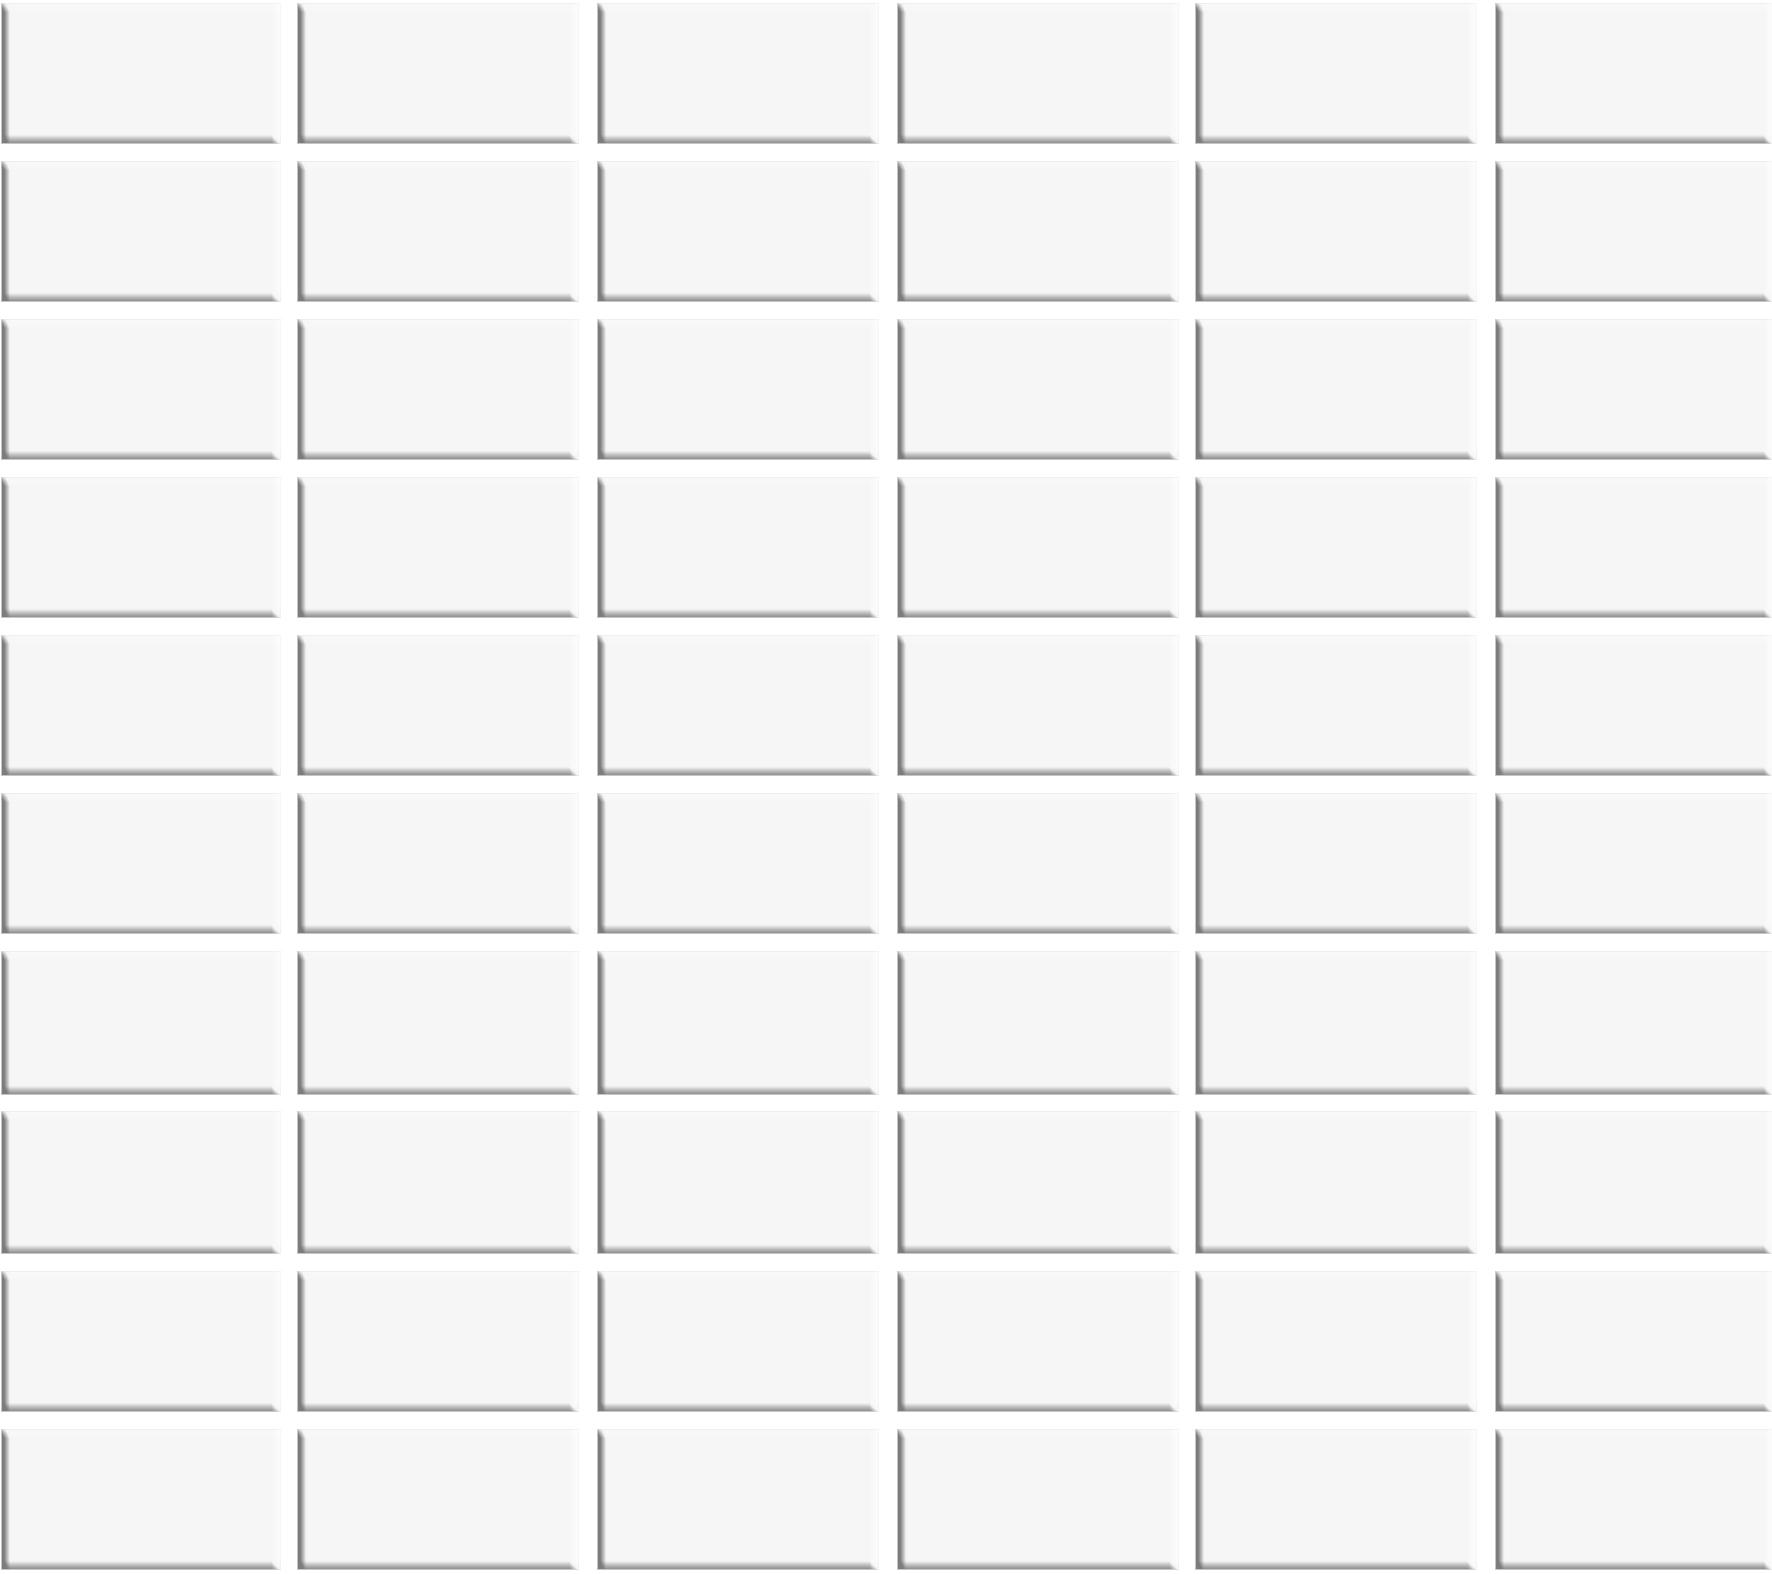 K51684080001VTE0, Miniworx, Valkoinen, mosaiikki,lattia